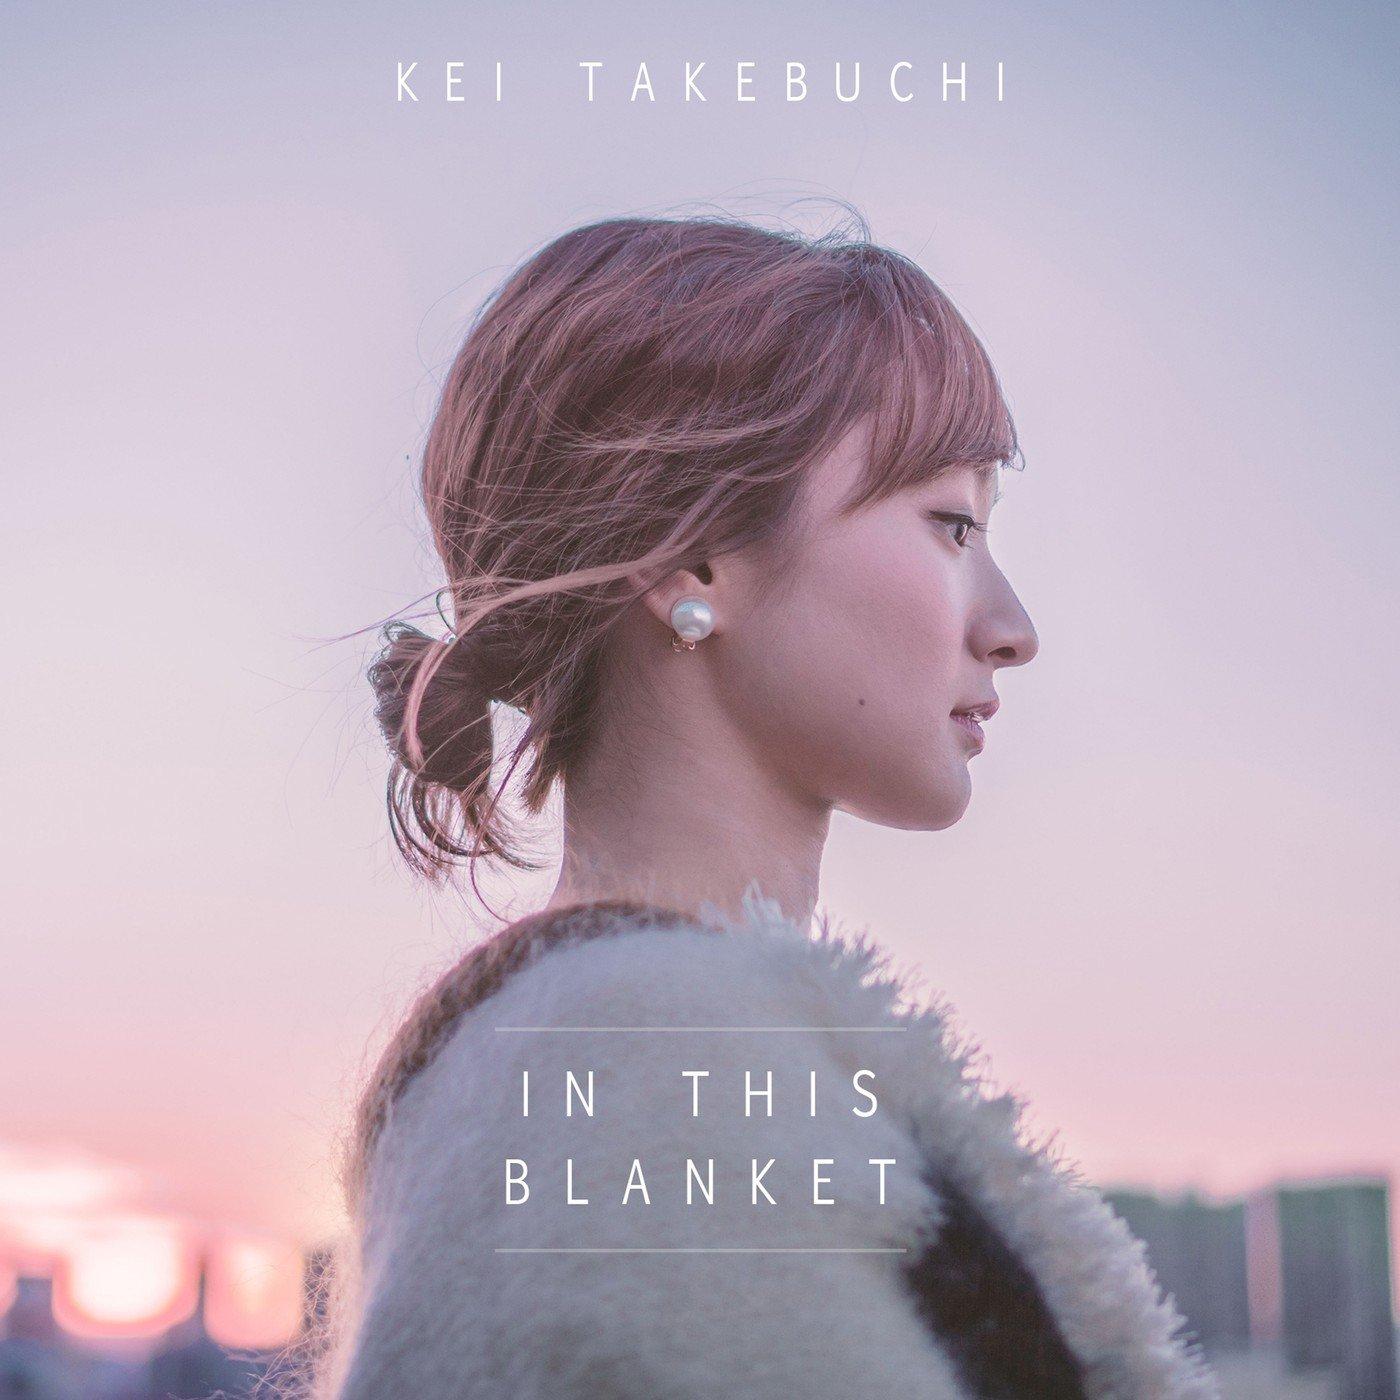 竹渕慶 (Kei Takebuchi) – In This Blanket [Mora FLAC 24bit/44,1kHz]